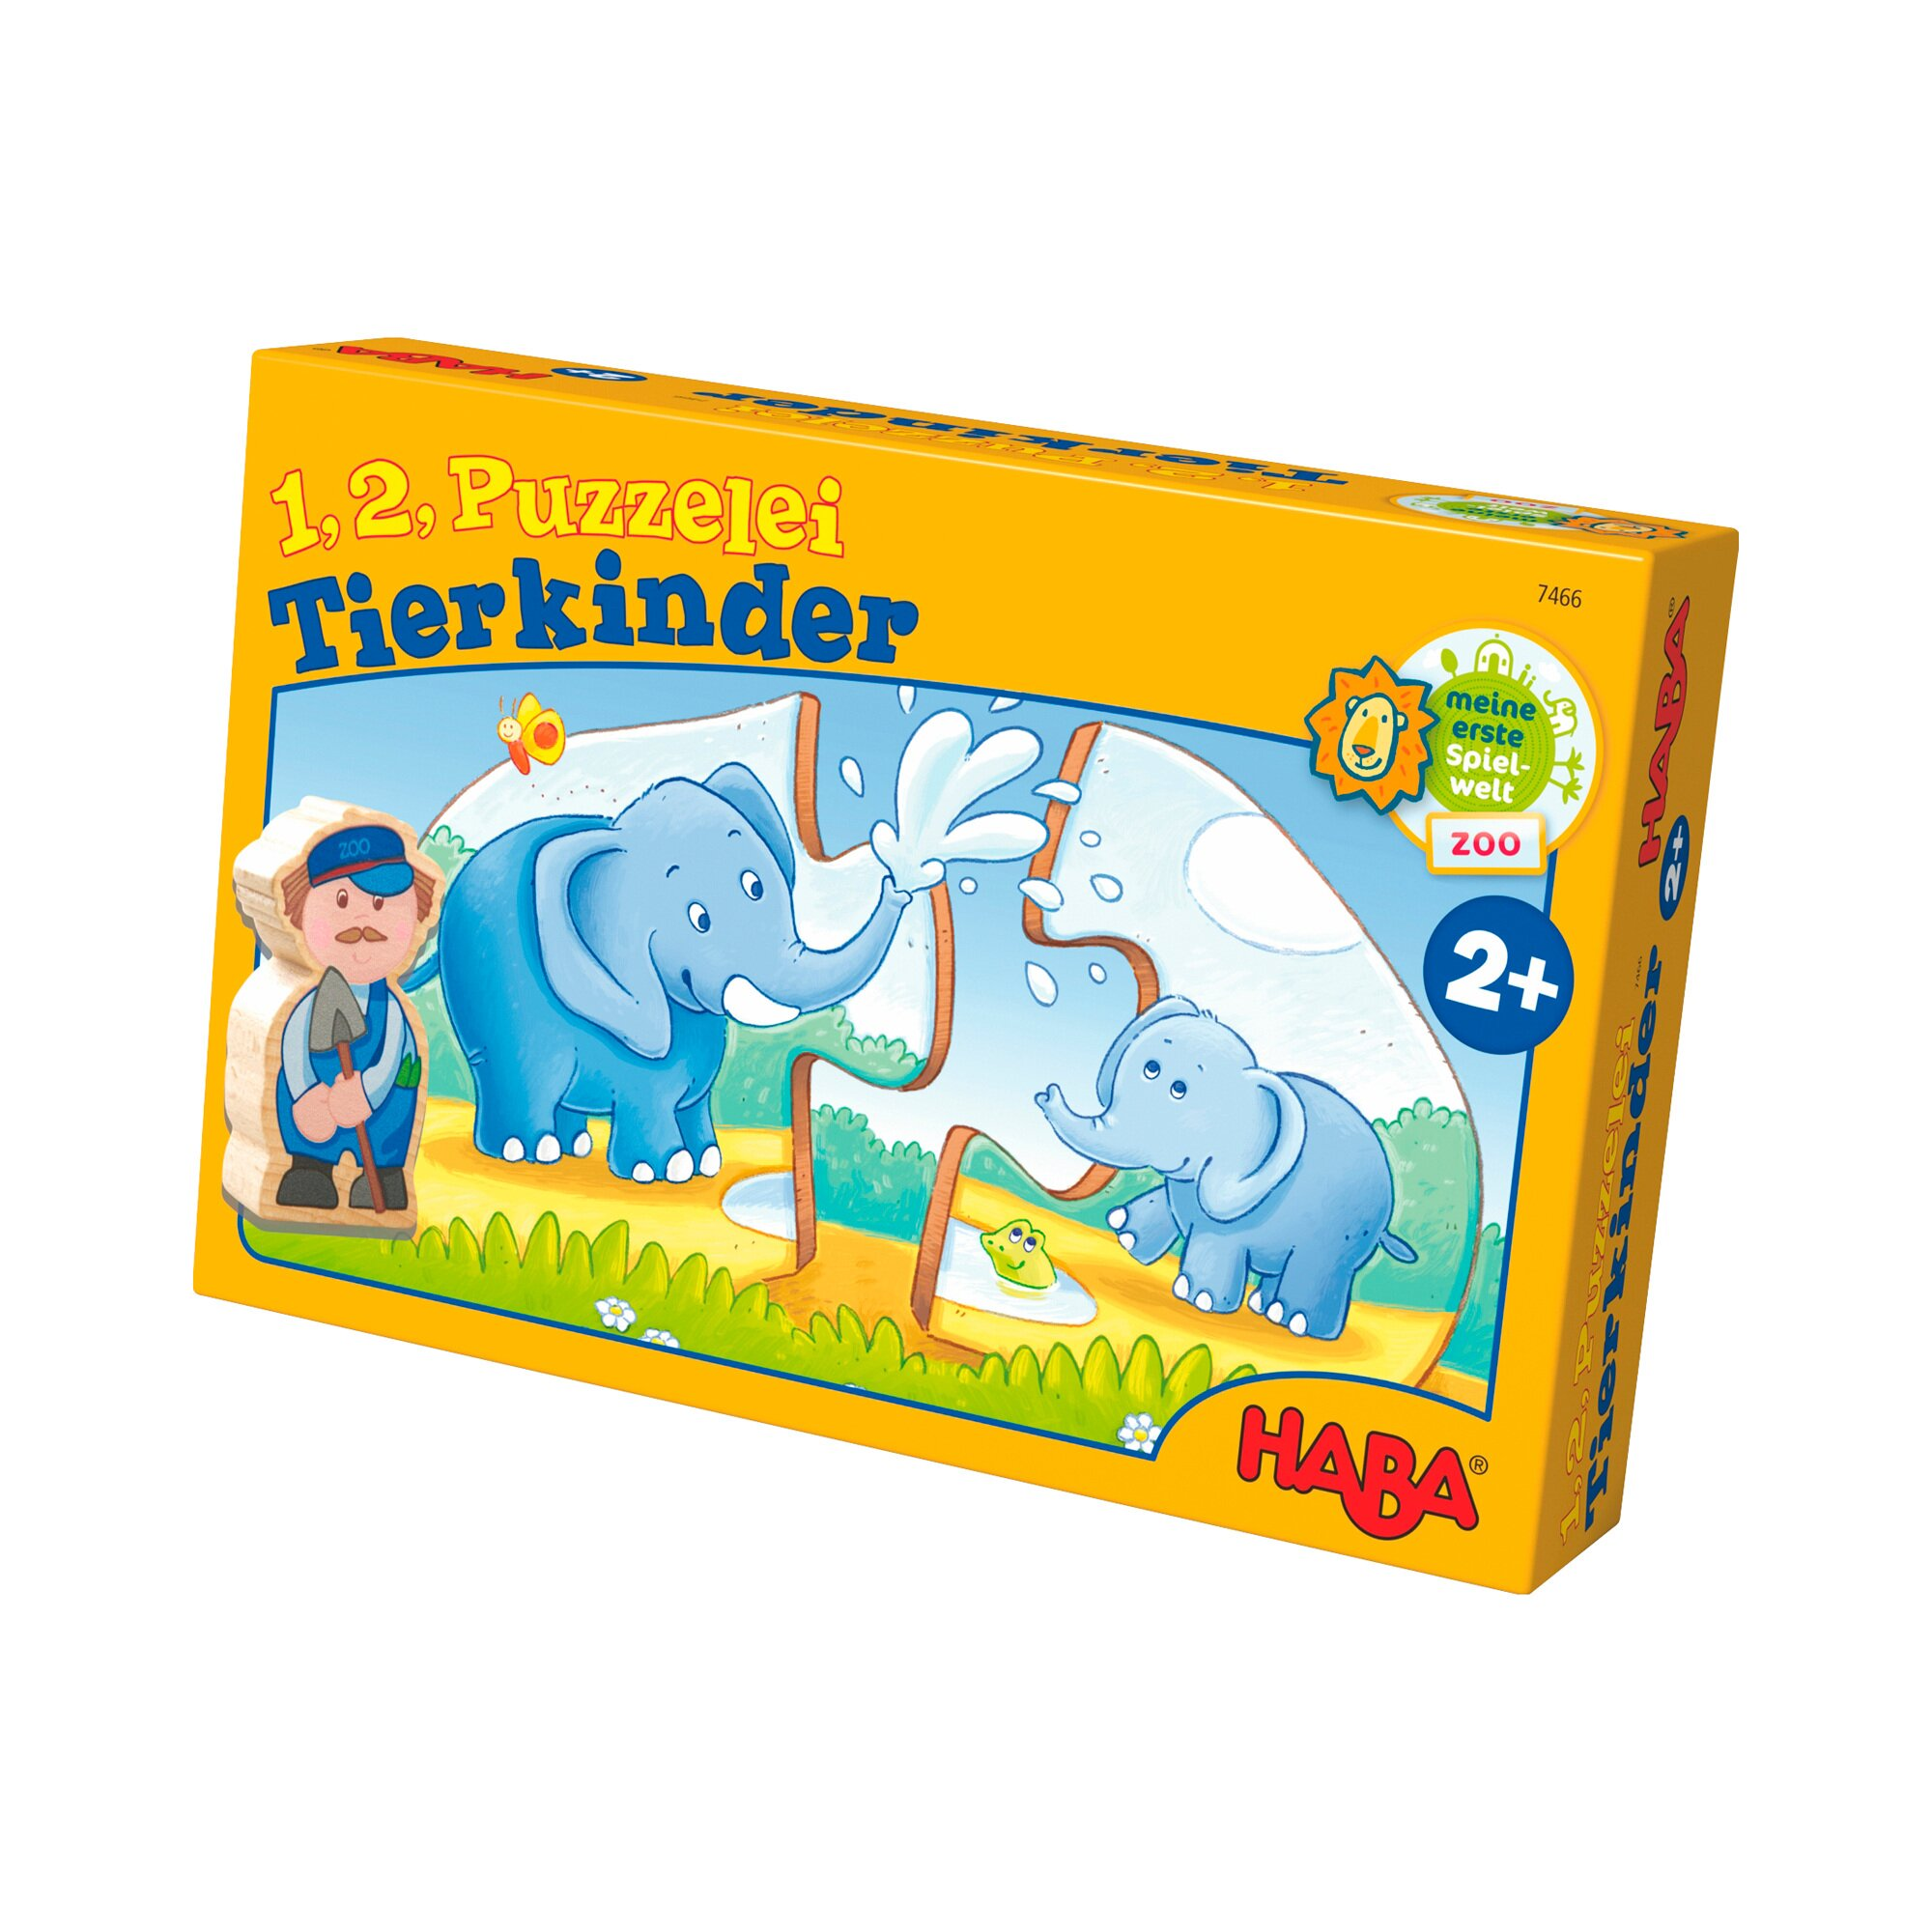 7466 1 2 Puzzelei - Tierkinder